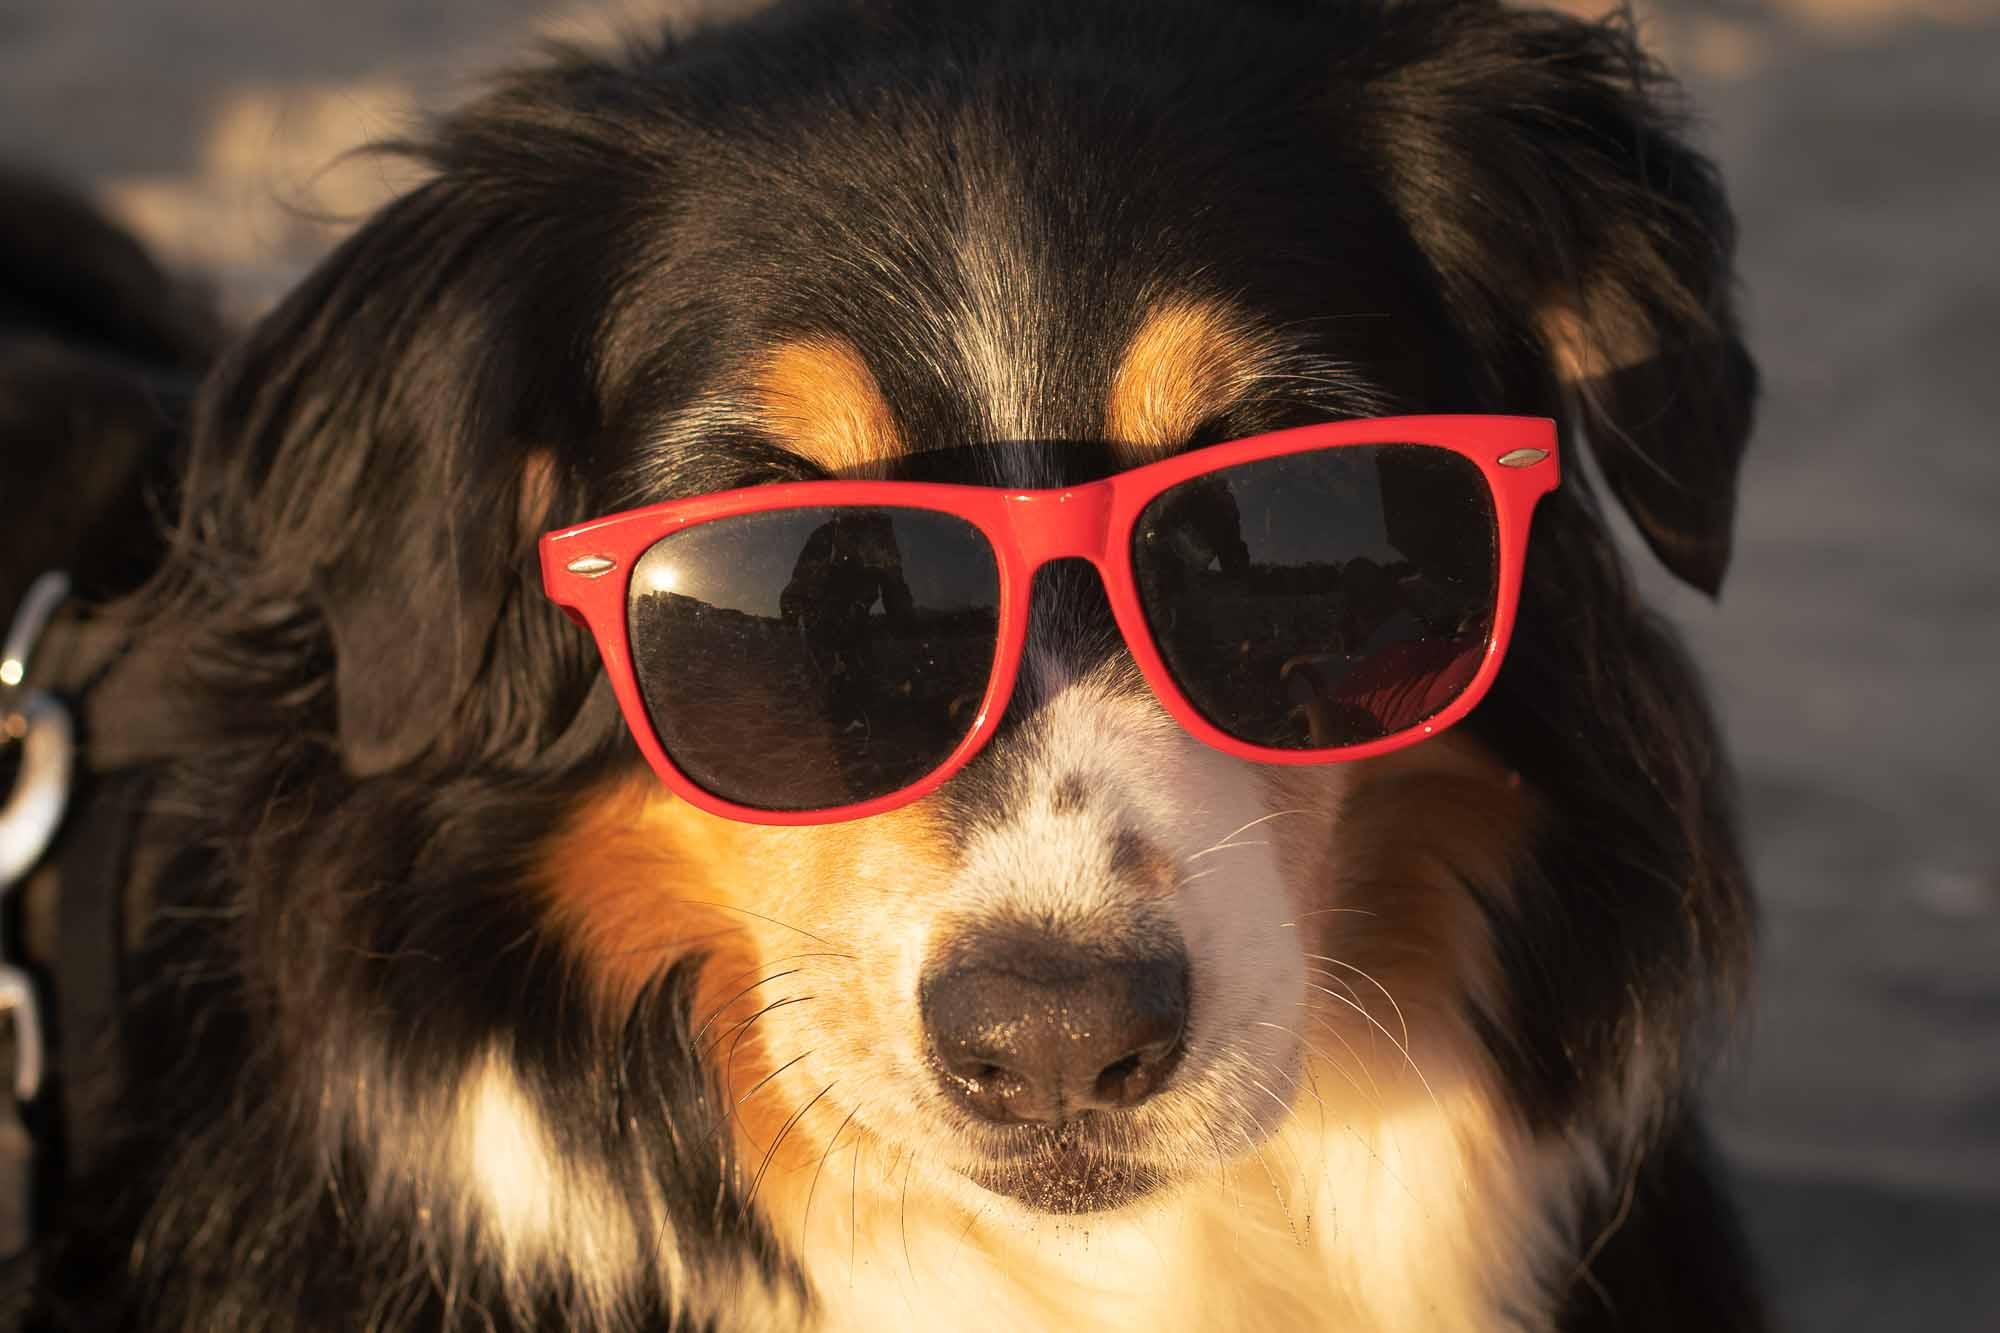 Cani in spiaggia a Cesenatico la vacanza piace